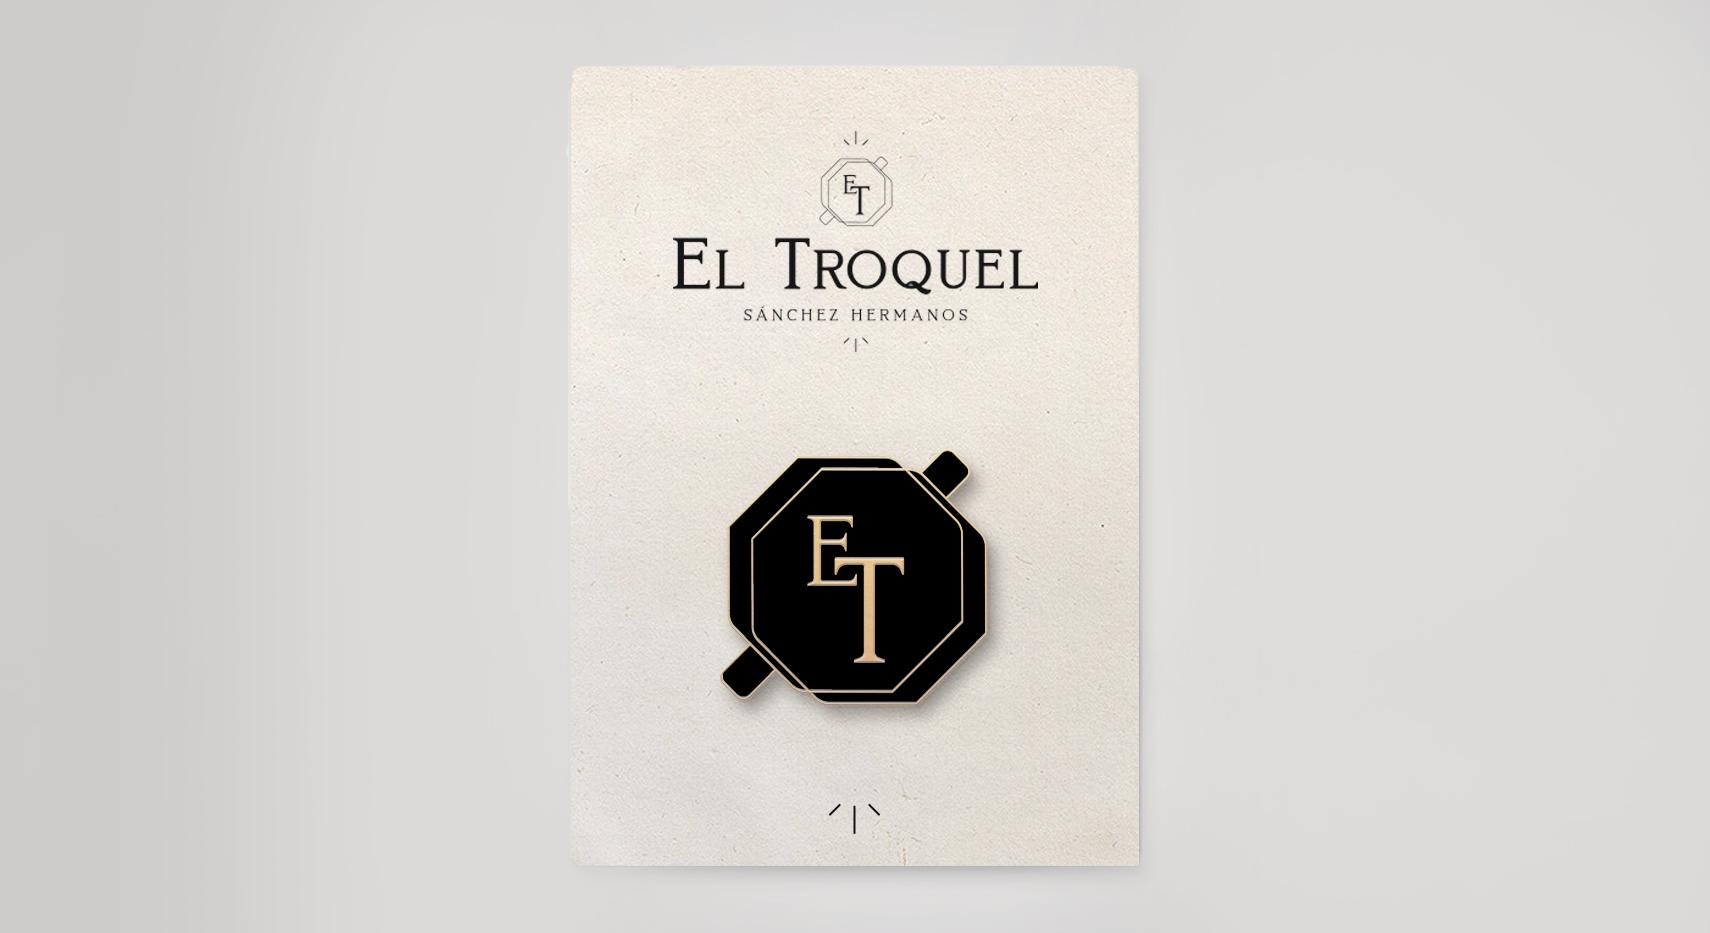 Pin_Uniforme_El Troquel